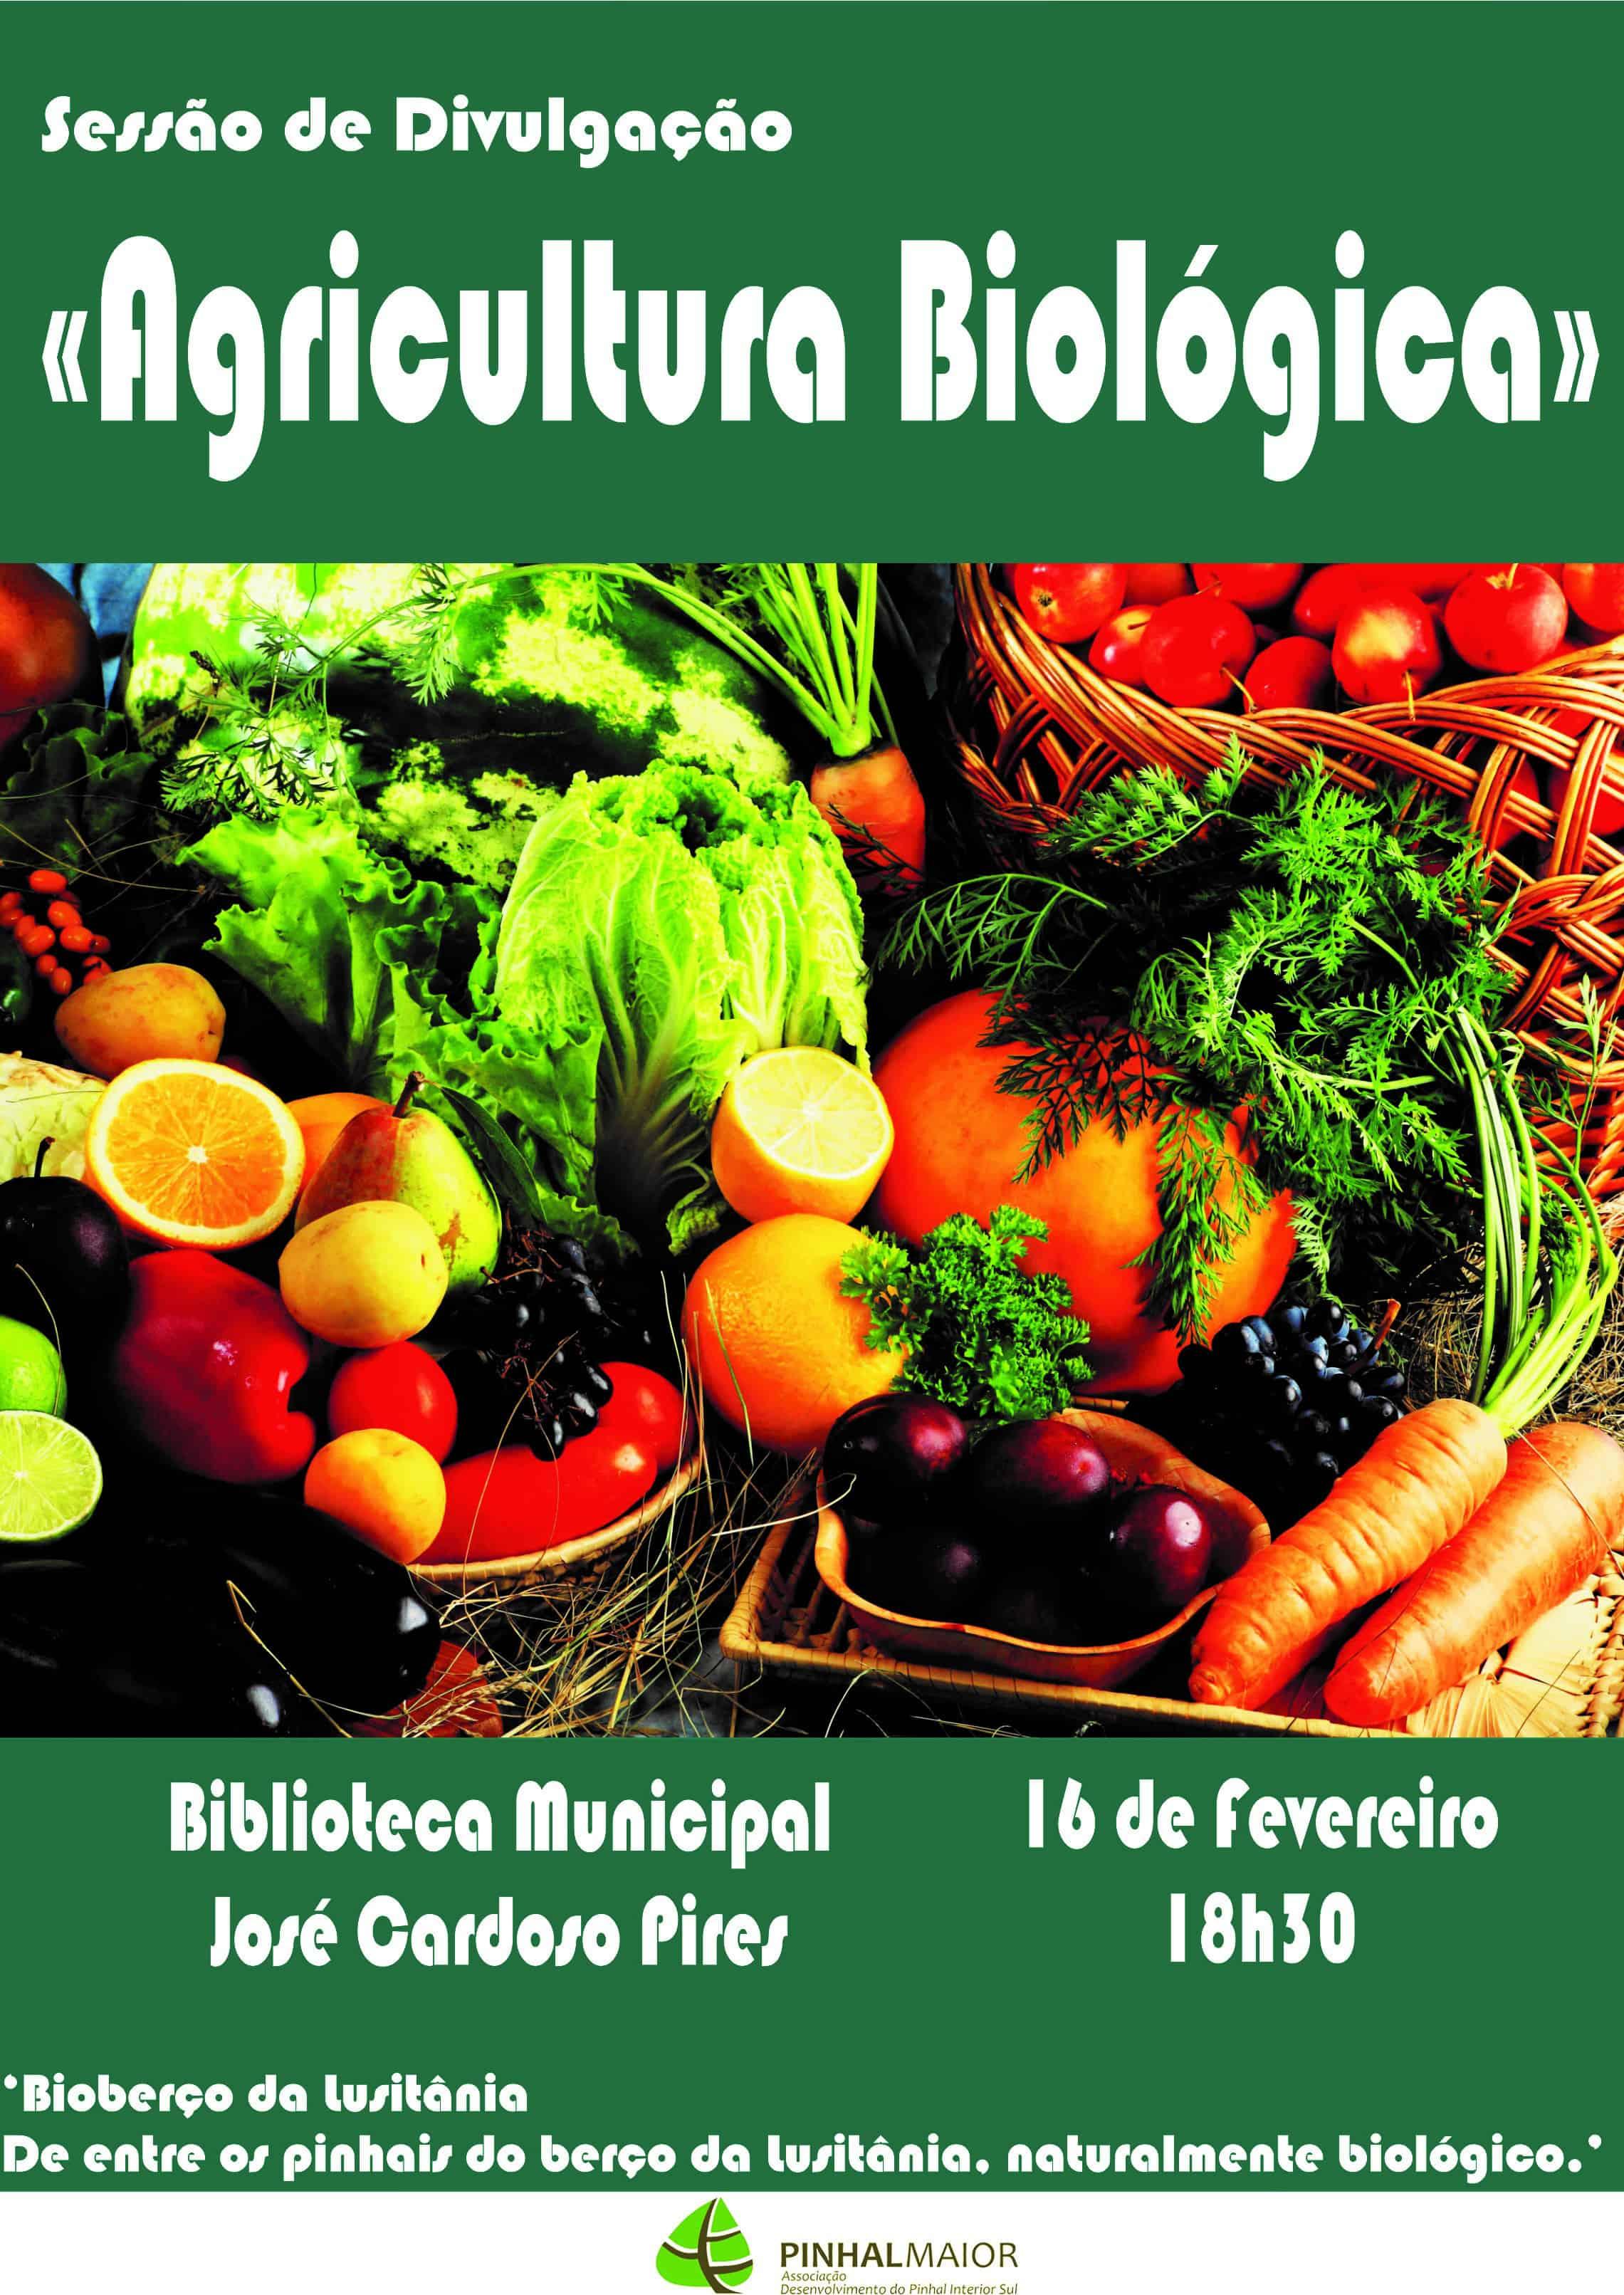 Agricultura biológica em Vila de Rei dia 16 de fevereiro às 18H30